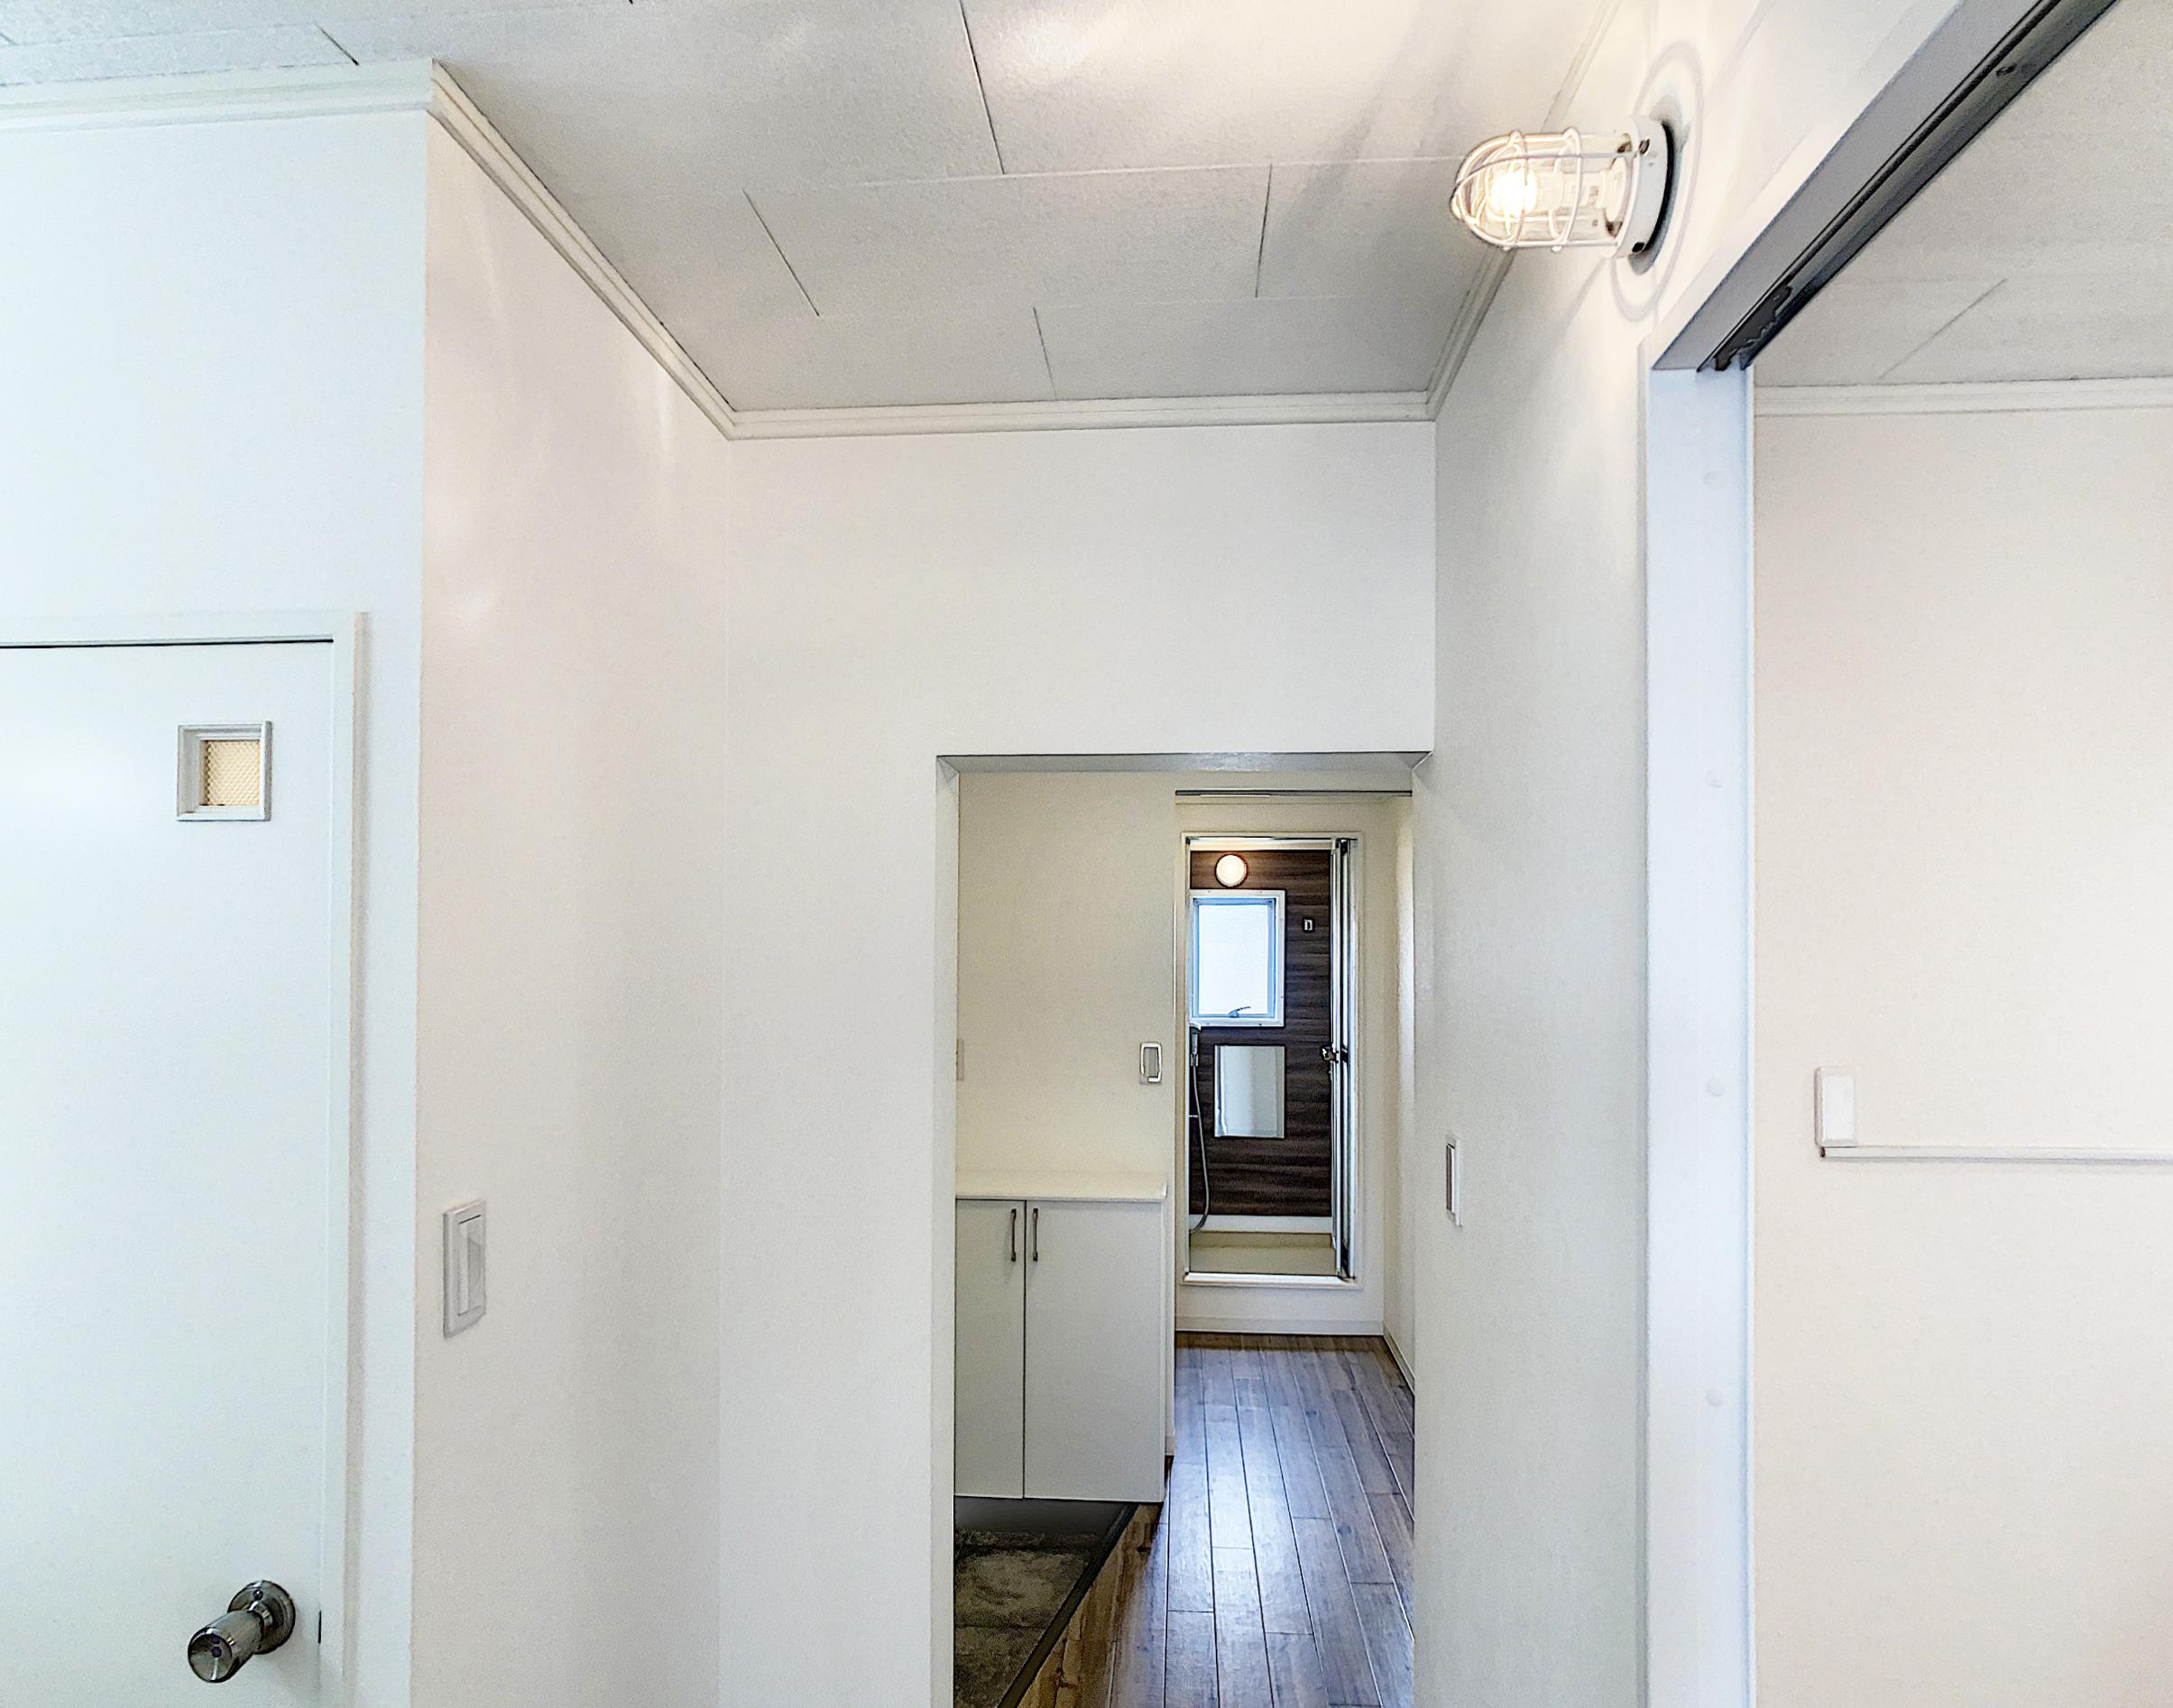 廊下にもマリンランプを付け、隅々までこだわったリノベーション。